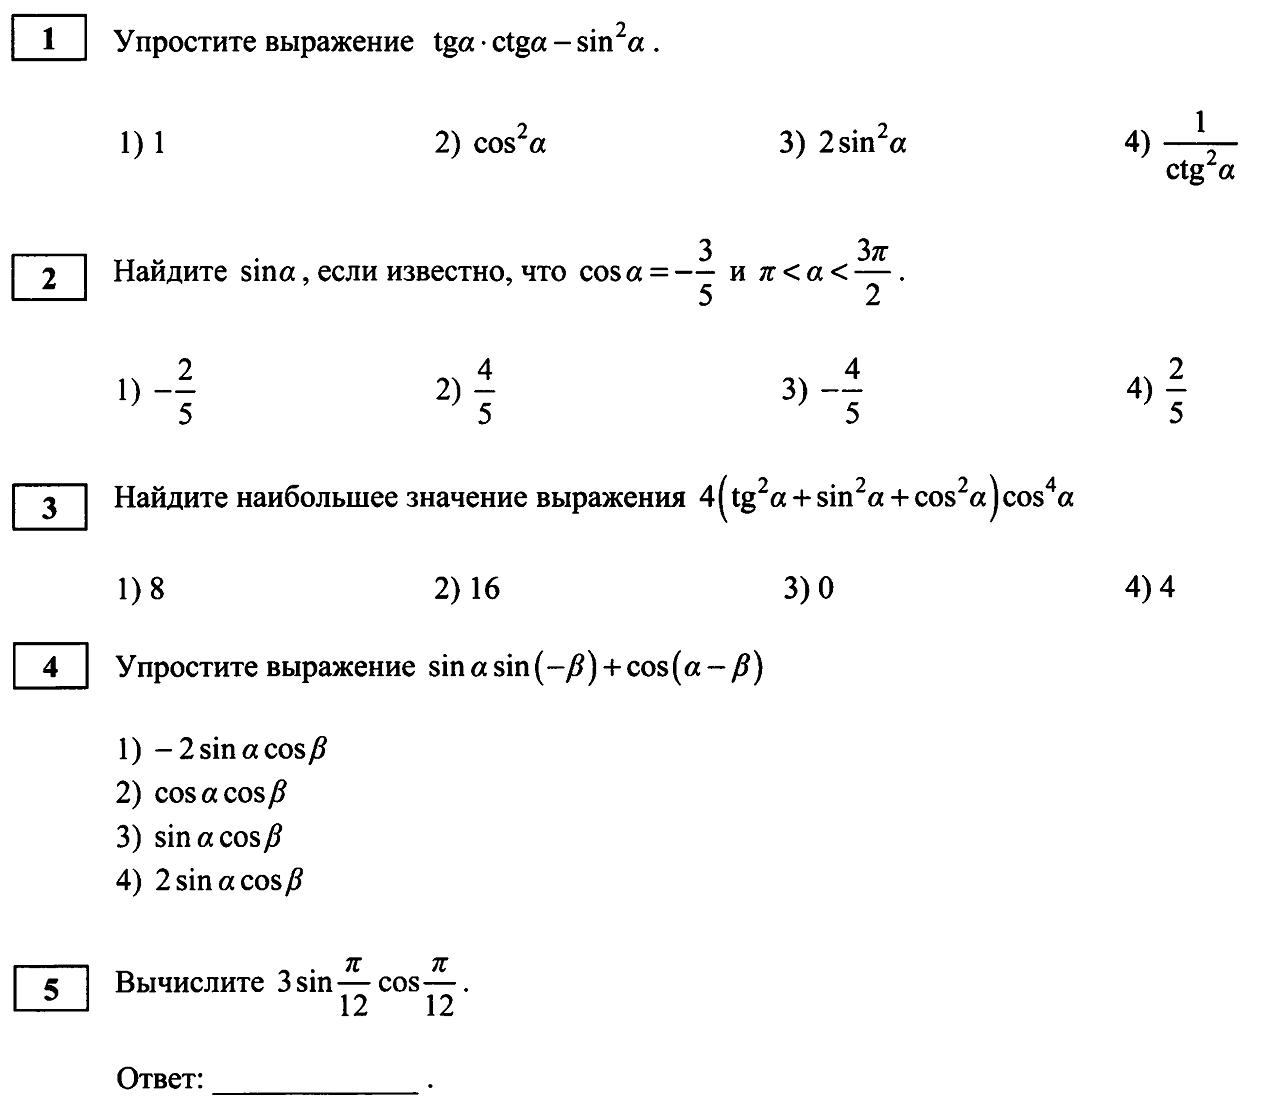 Срез по алгебре 10 класс тест